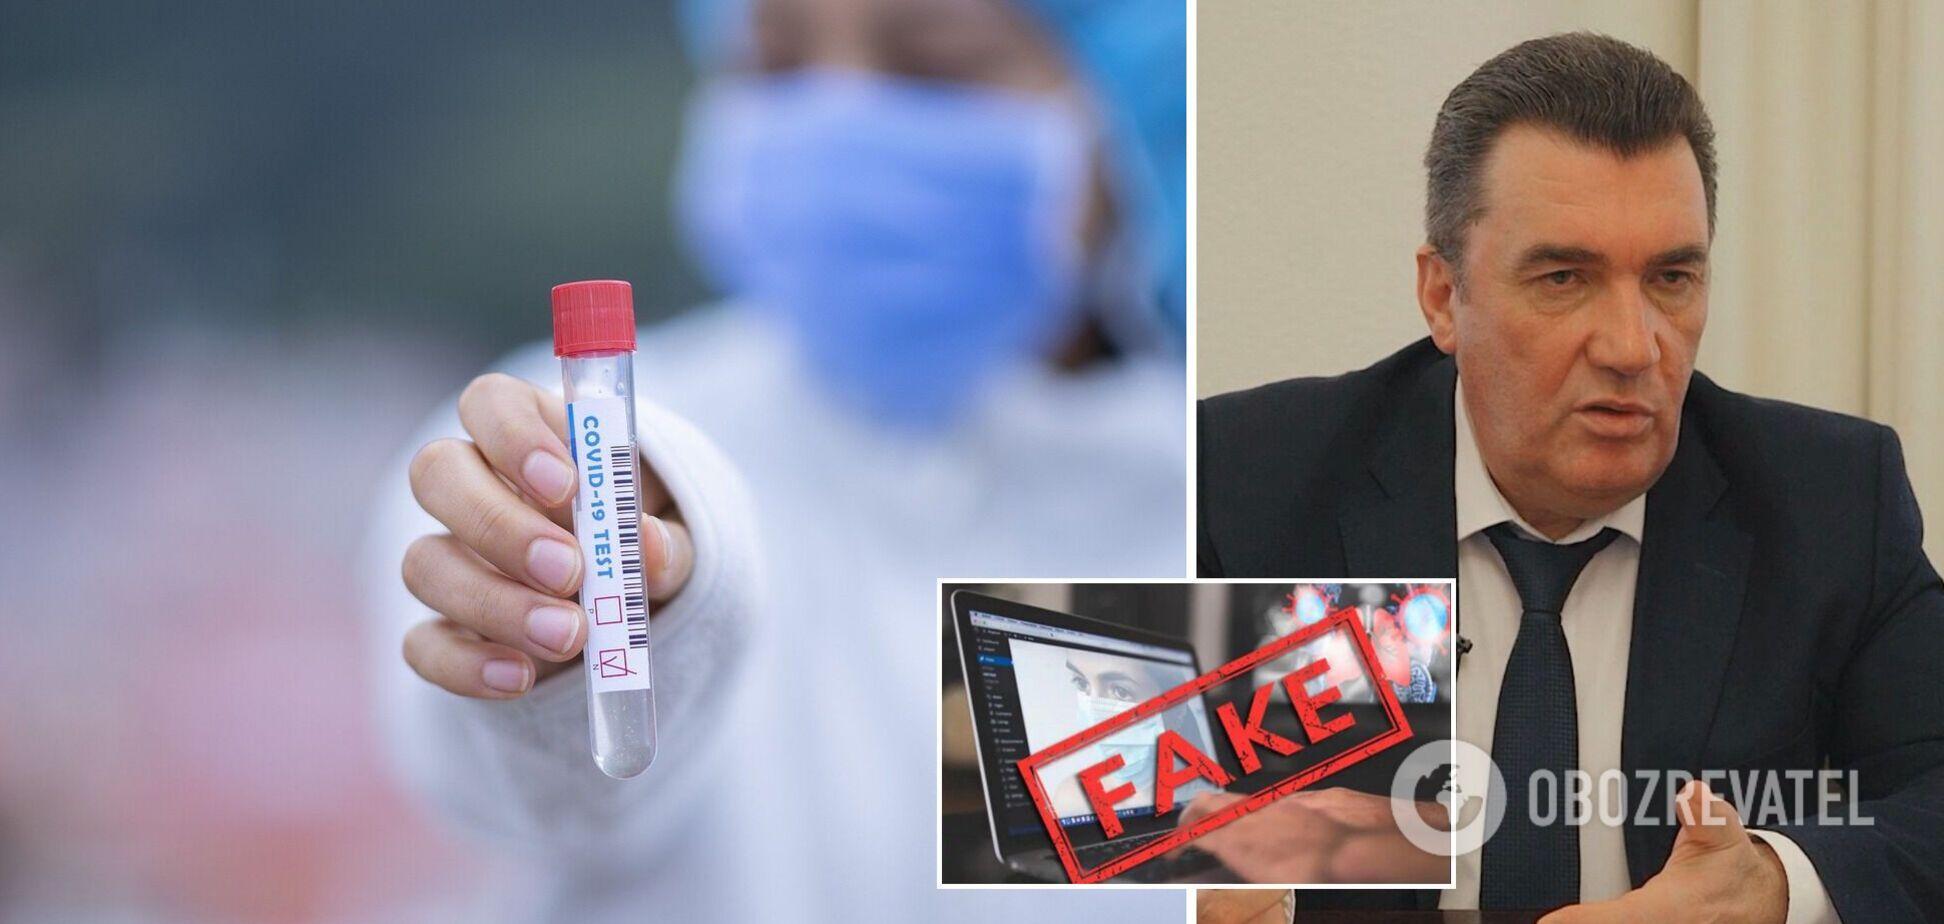 Россия с помощью соцсетей и церкви проводит кампанию против COVID-вакцинации украинцев, – Данилов